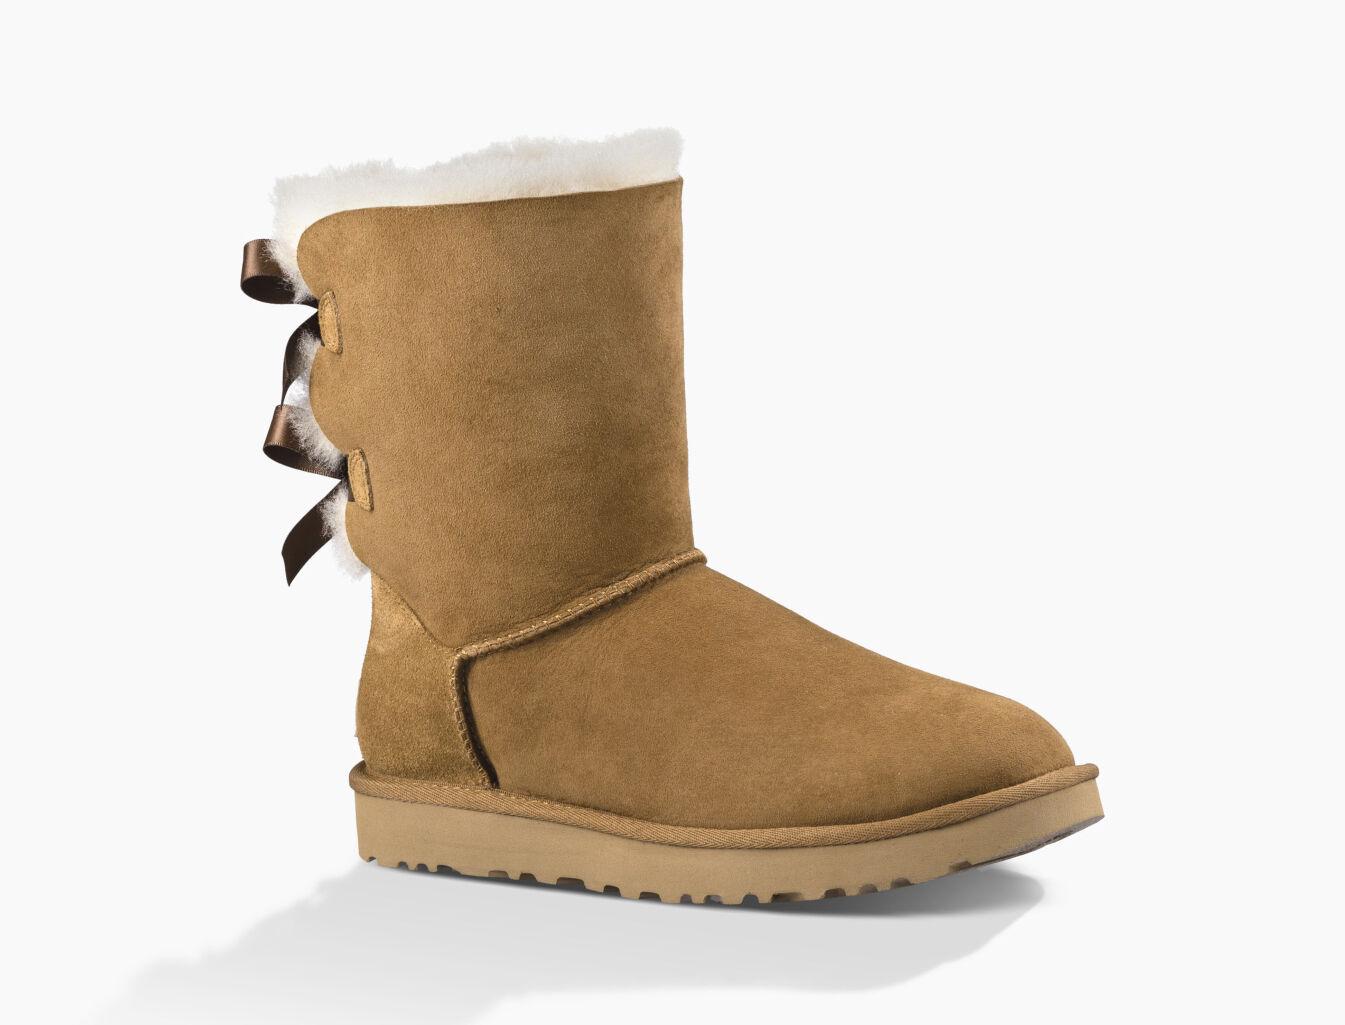 Zoom Bailey Bow II Boot - Image 3 of 6